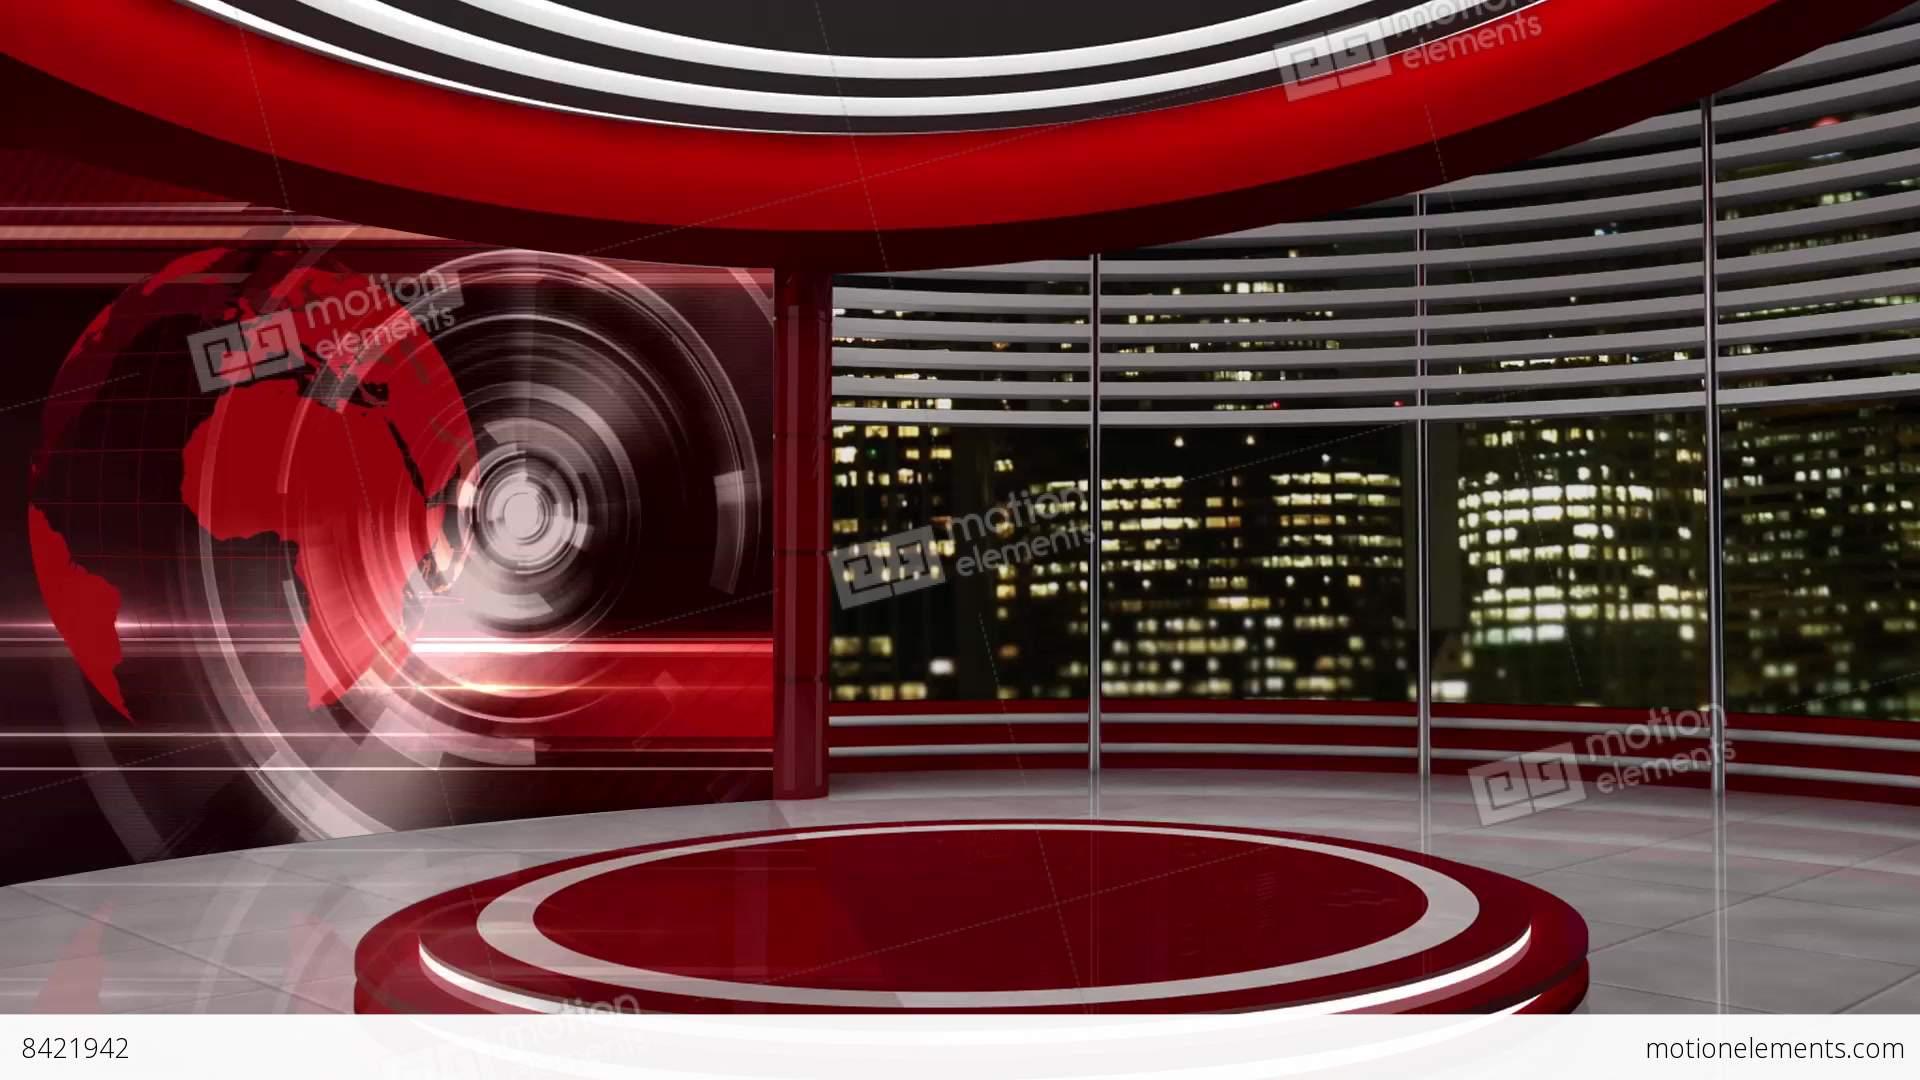 News TV Studio Set 54